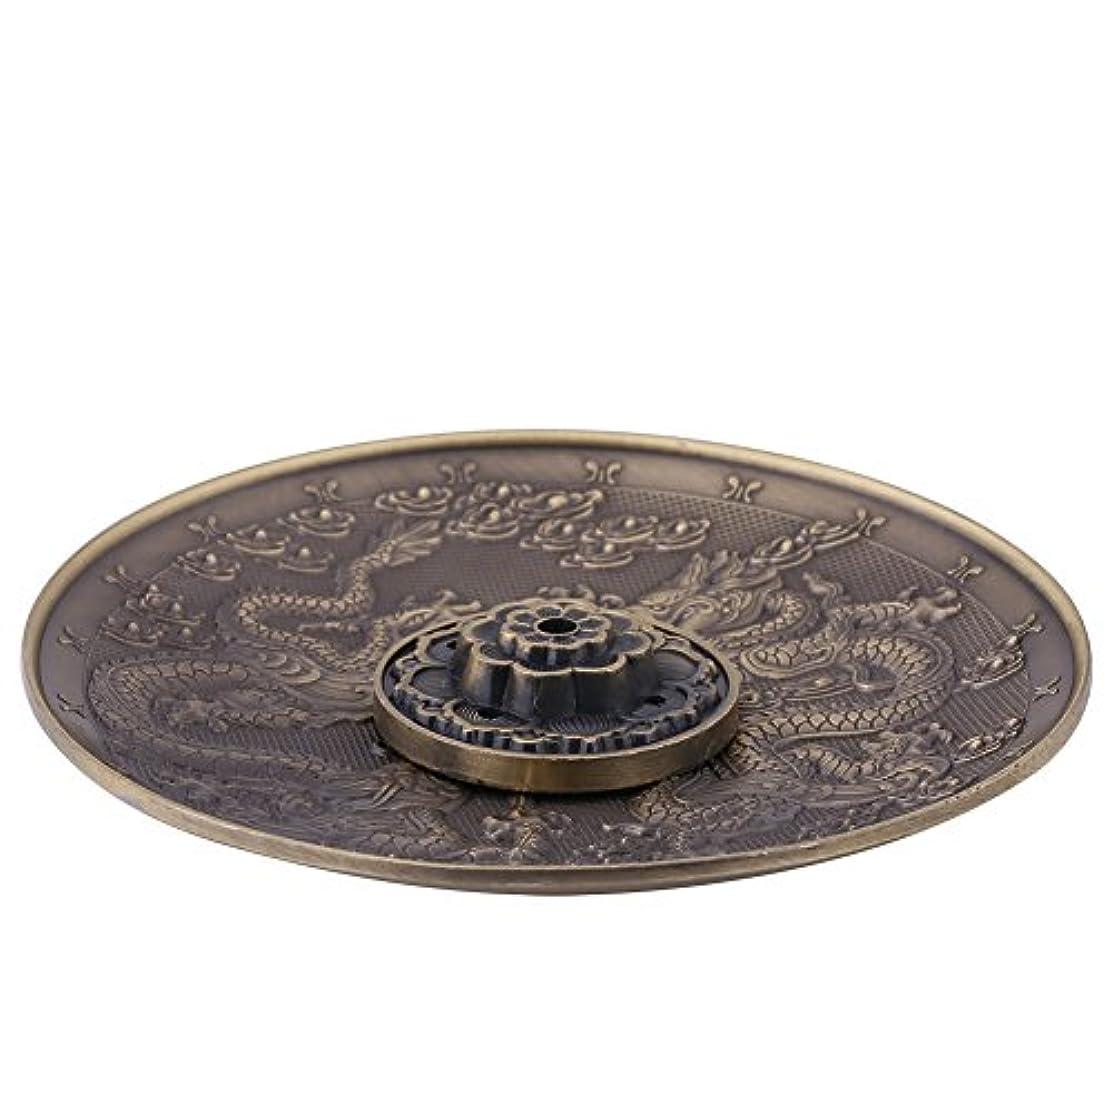 ロッカースーパーマーケット指紋香皿 亜鉛の香り バーナーホルダー寝室の神殿のオフィスのためのドラゴンパターンの香炉プレート(ブロンズ)